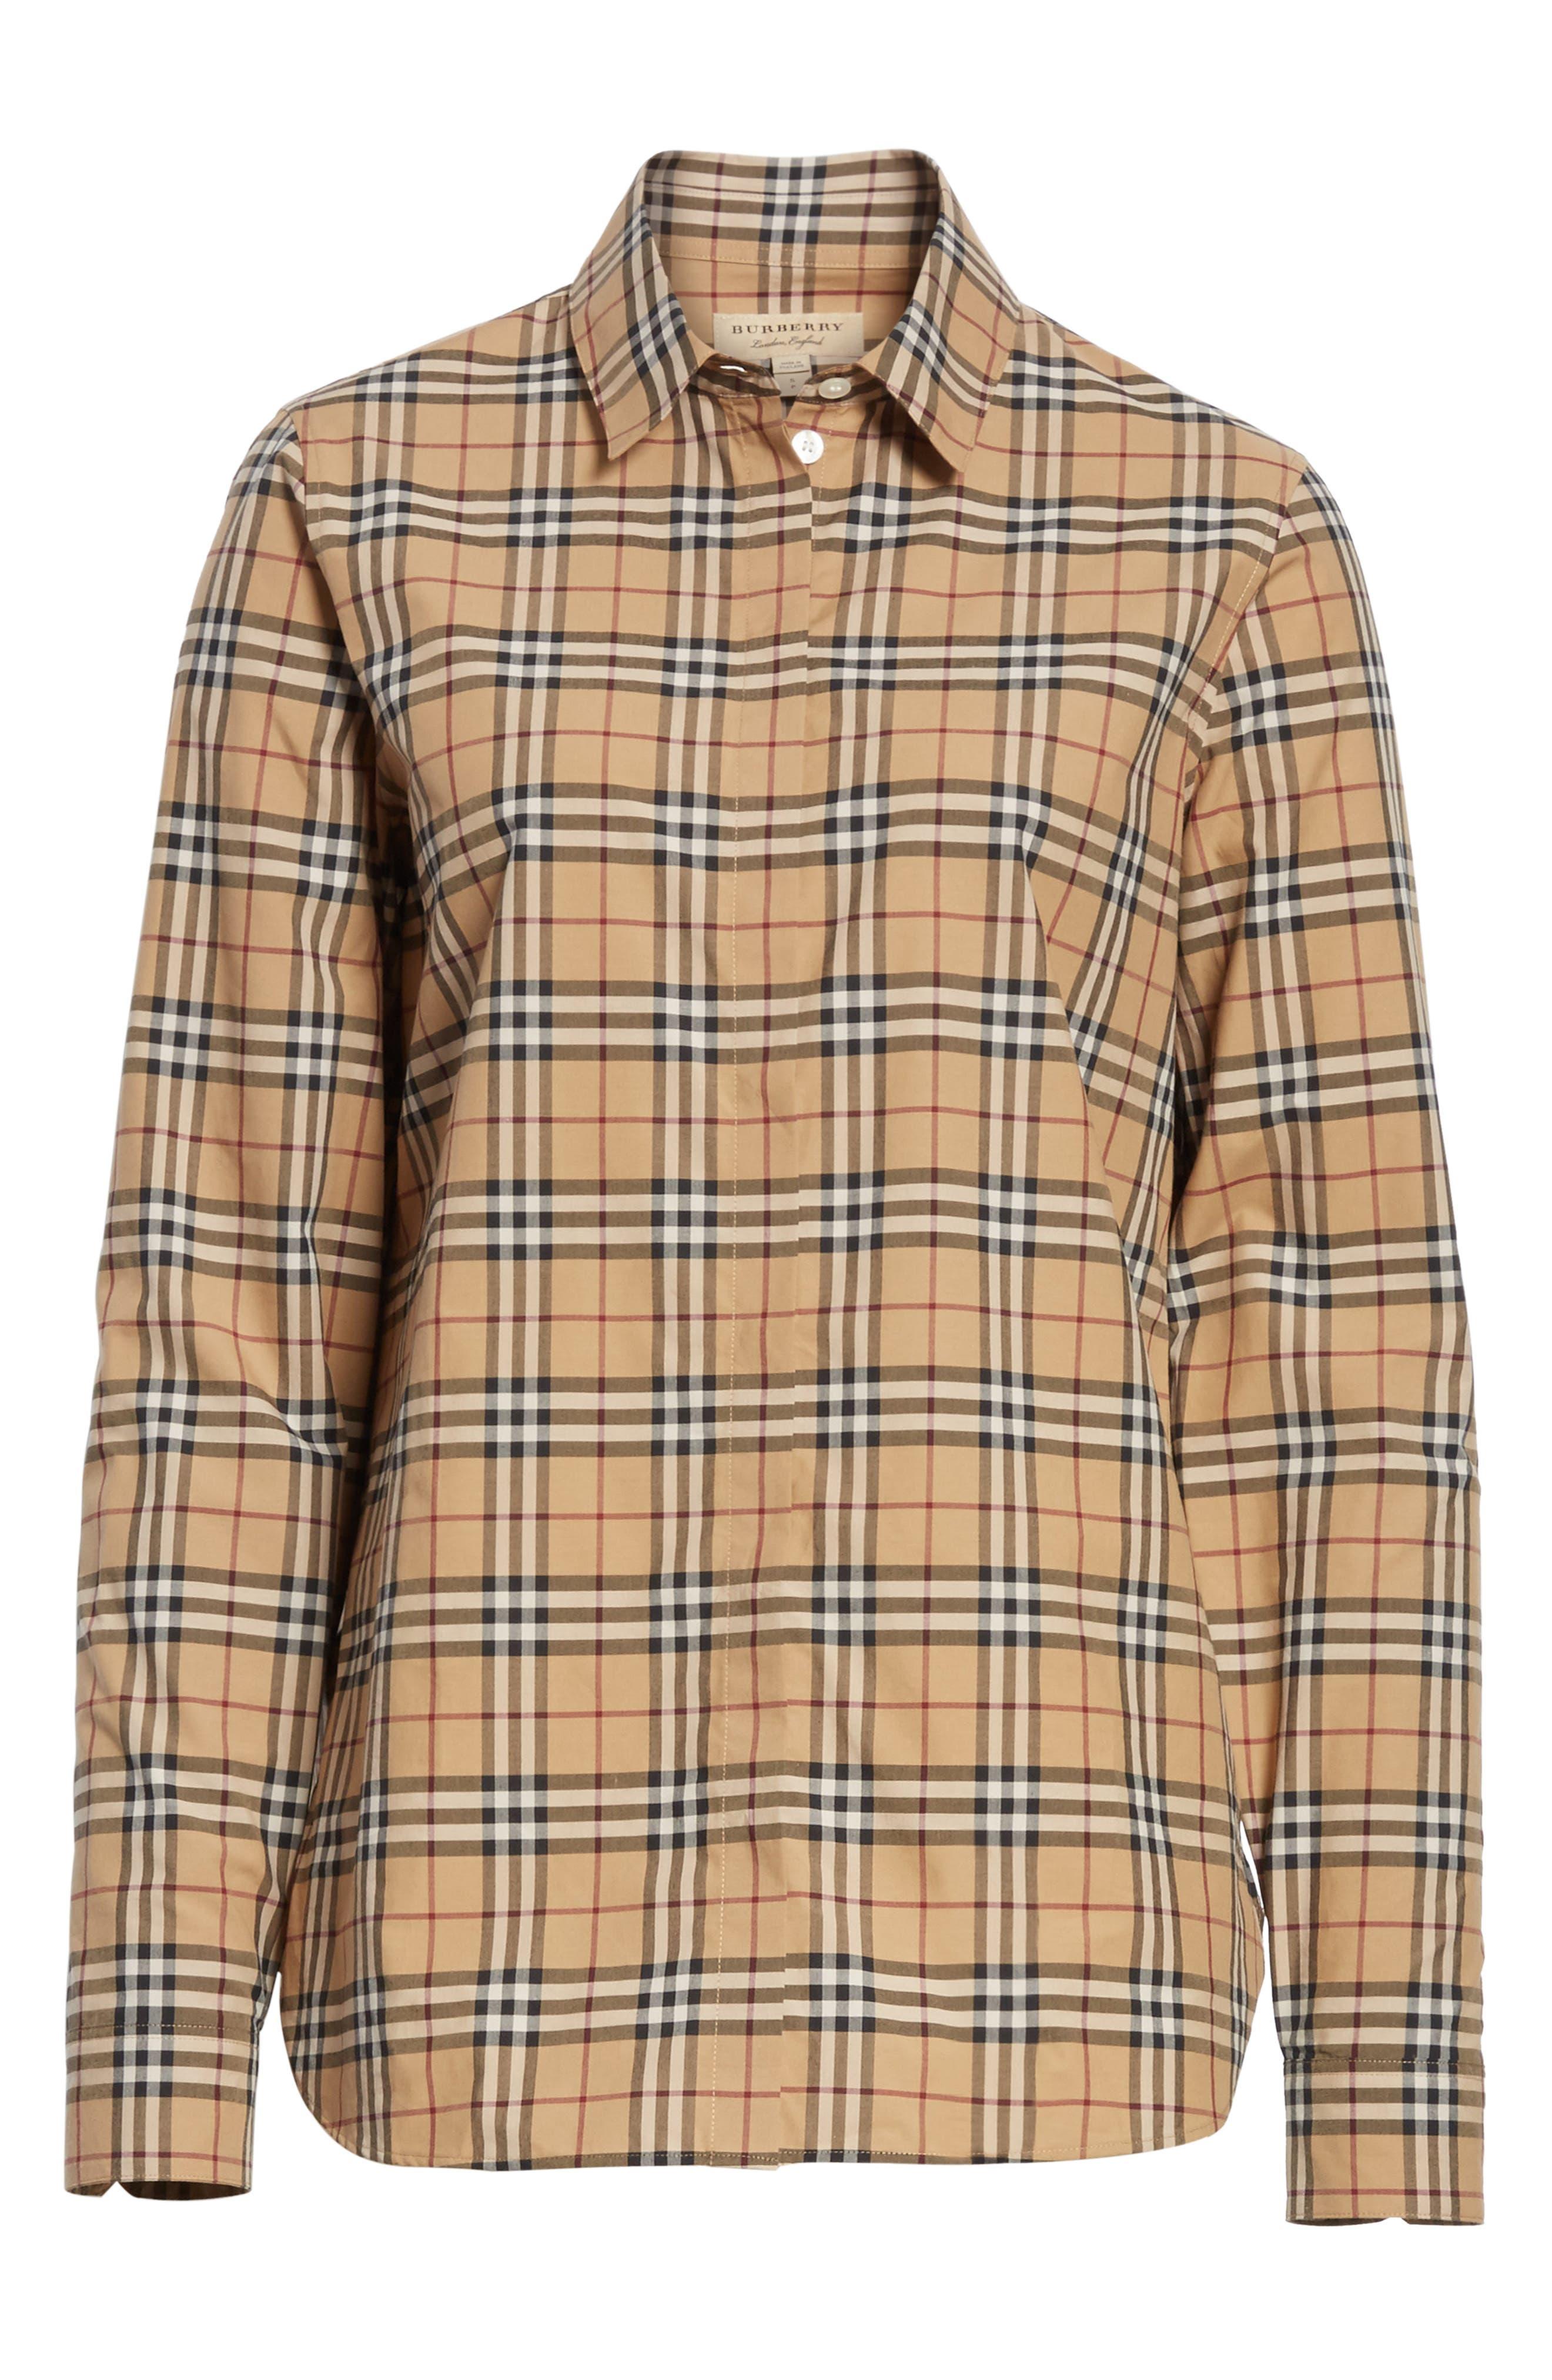 Vintage Check Cotton Shirt,                             Alternate thumbnail 6, color,                             231